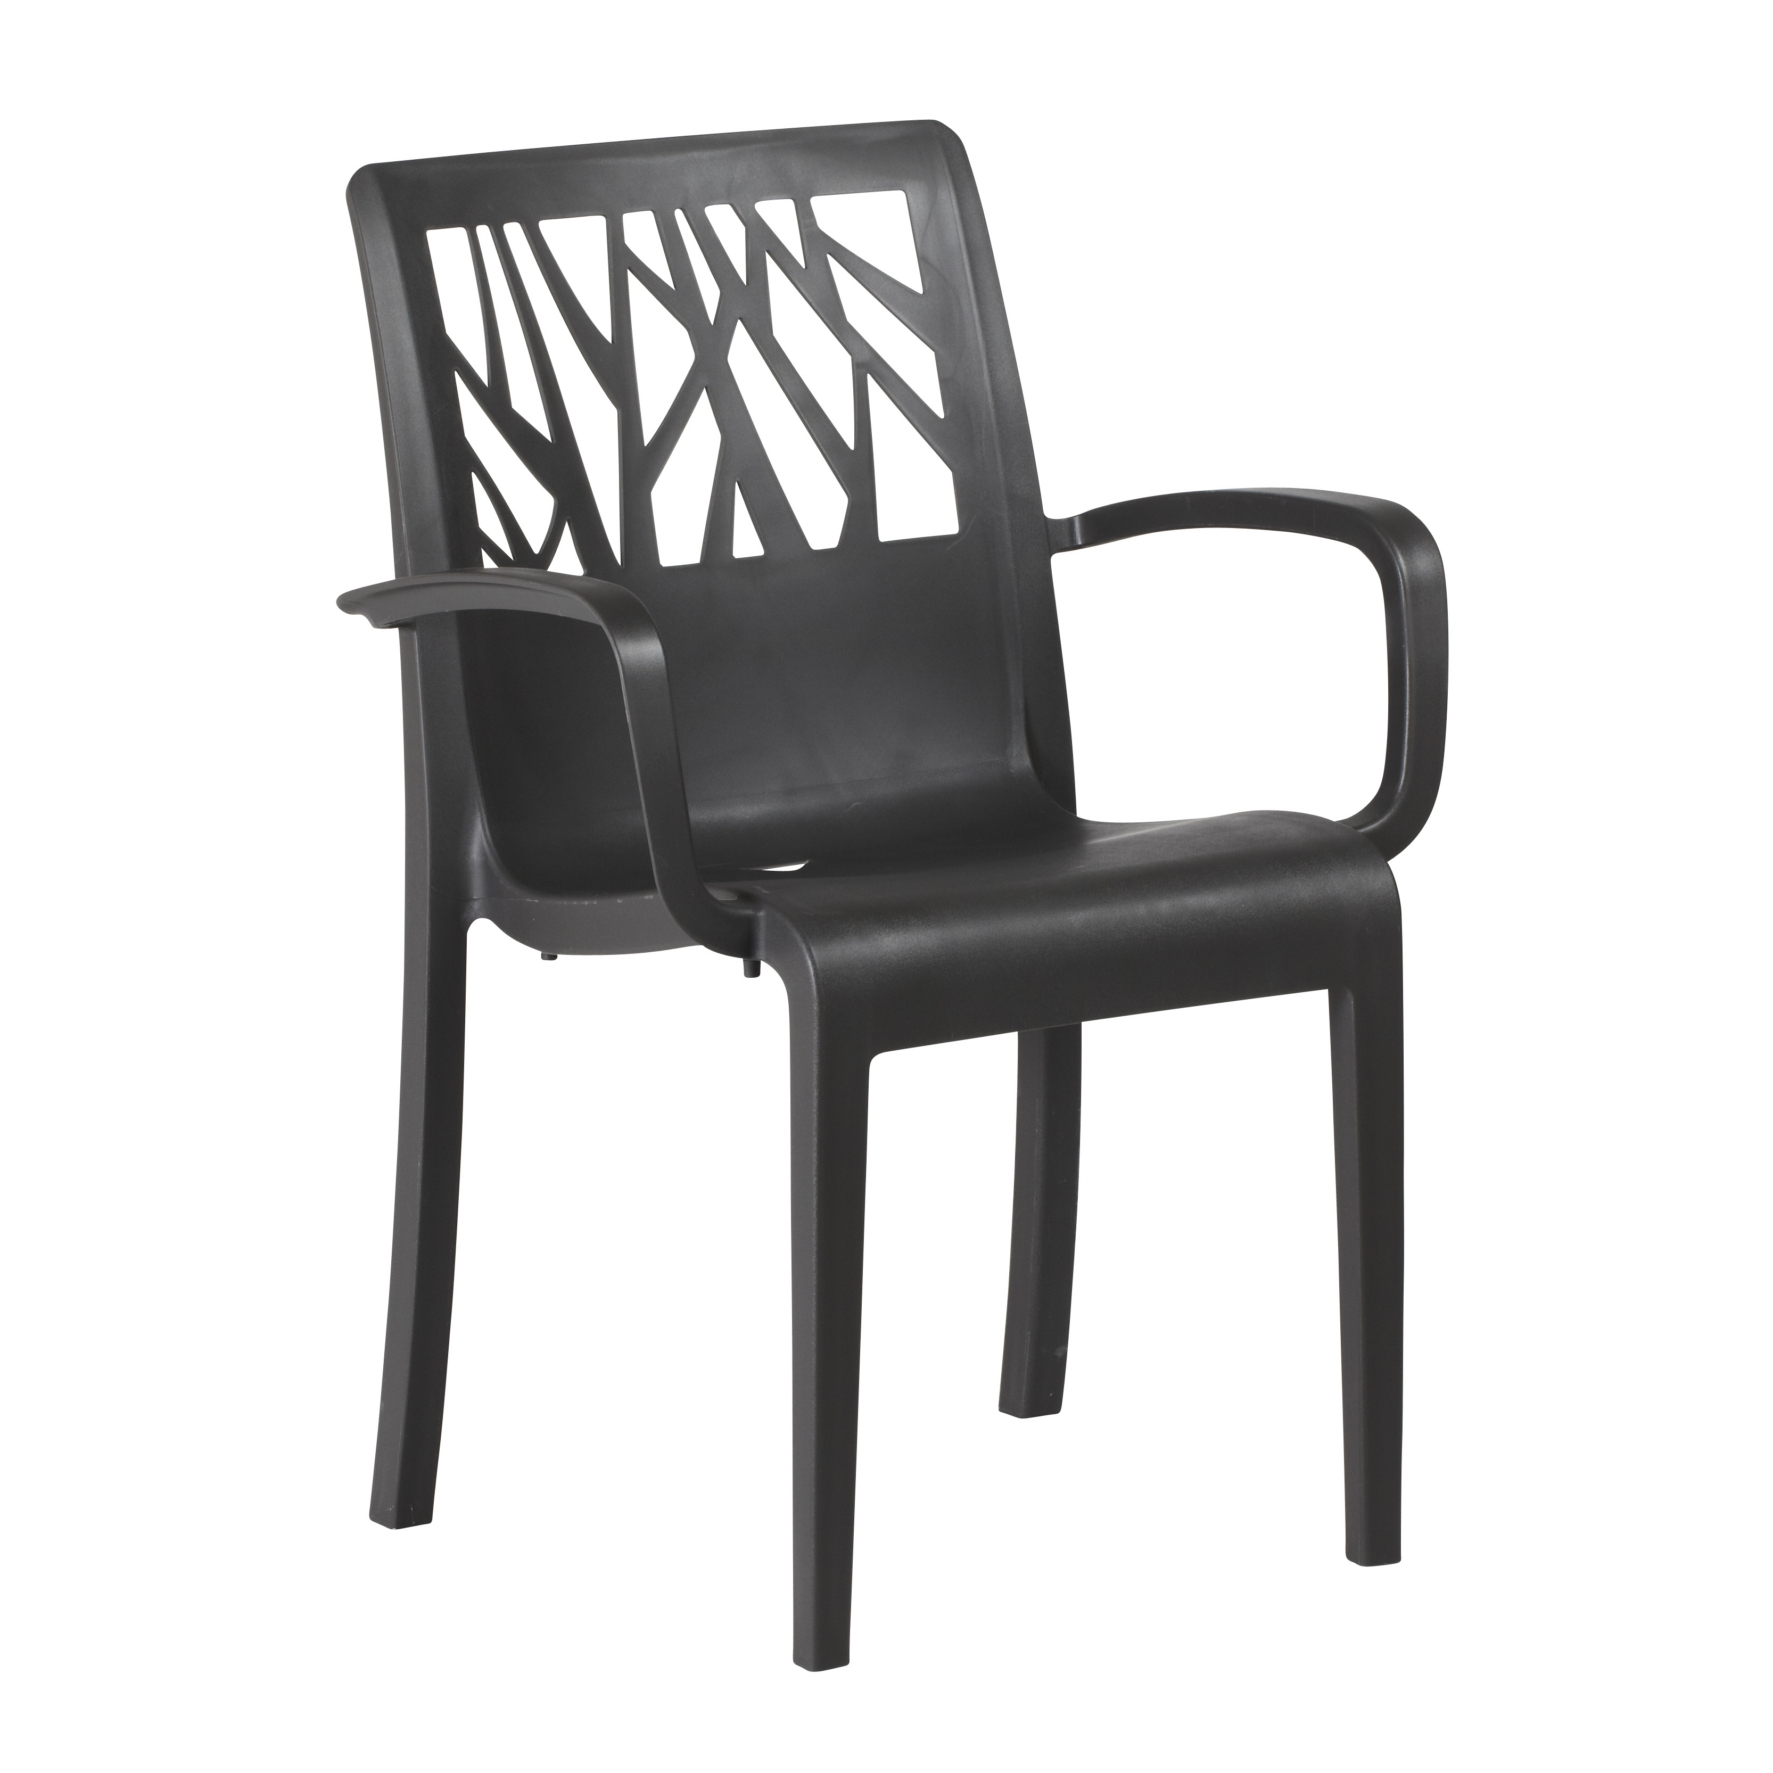 Vegetal Garden Chair | Grosfillex destiné Fauteuil De Jardin Grosfillex